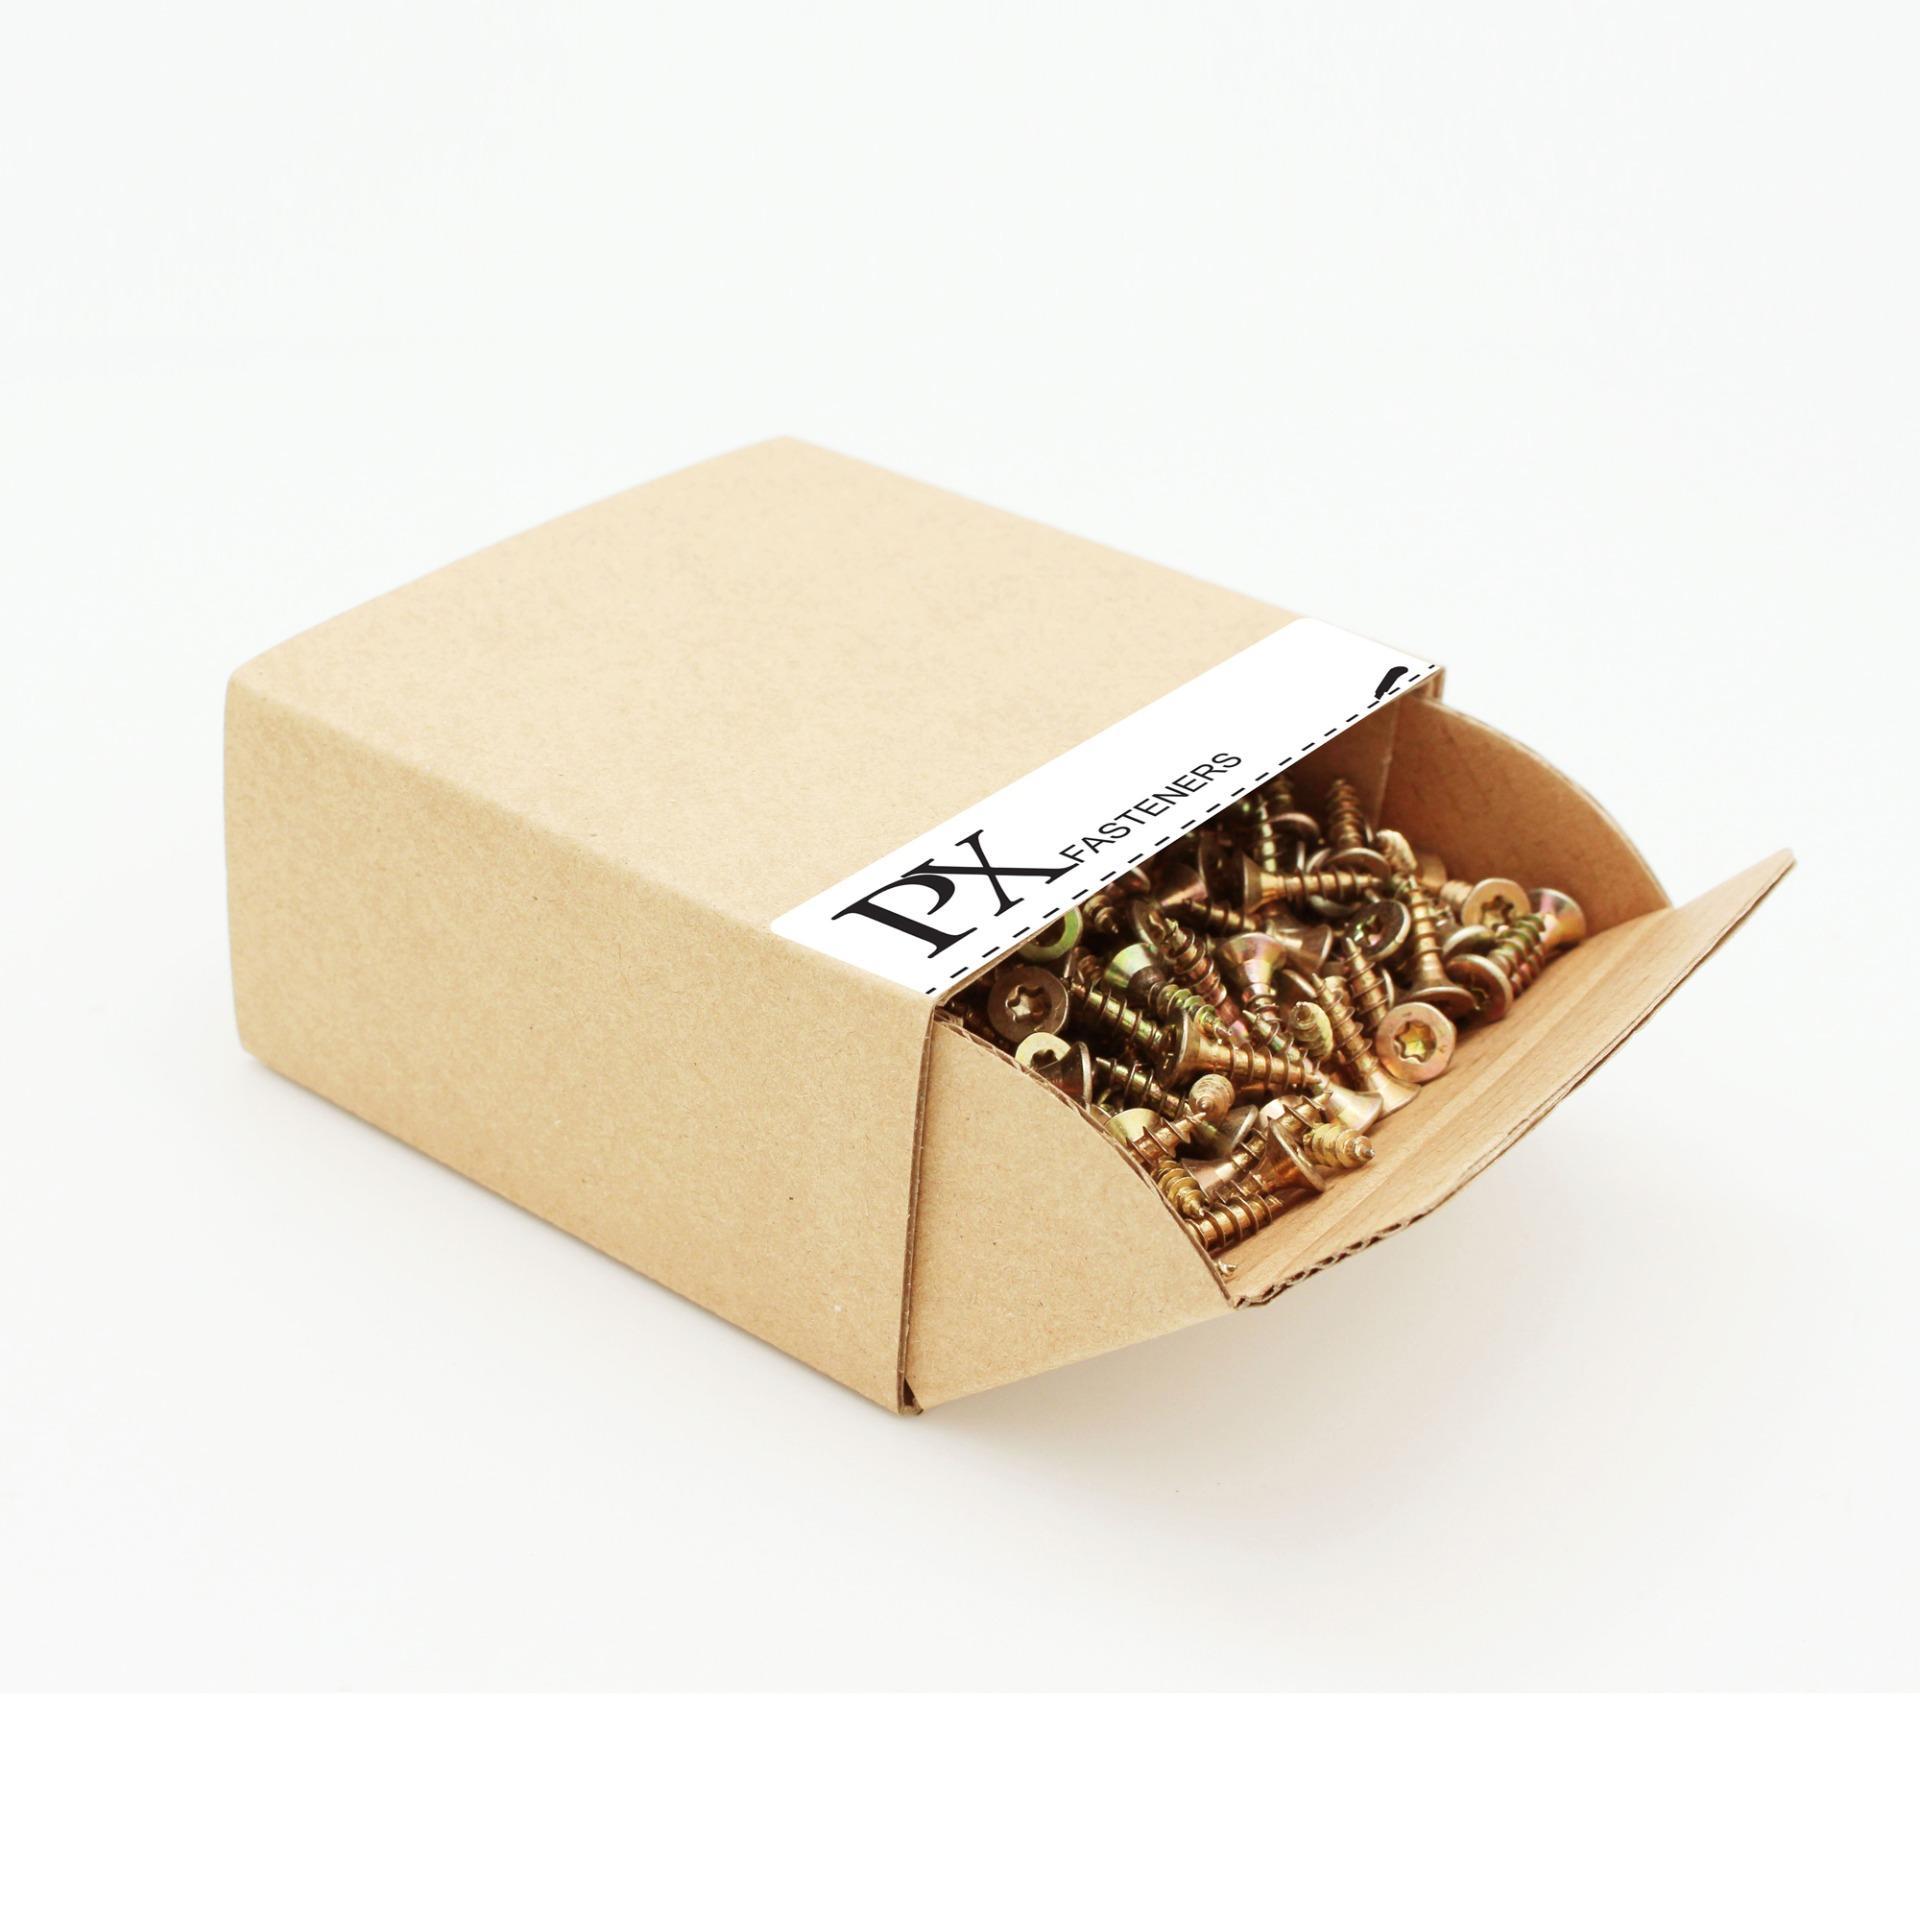 Hộp vít gỗ PX 303100022 đầu TX 4×16 200 Con (Vàng) / TX Chipboard Screw box 4×16 200pcs (Yellow)